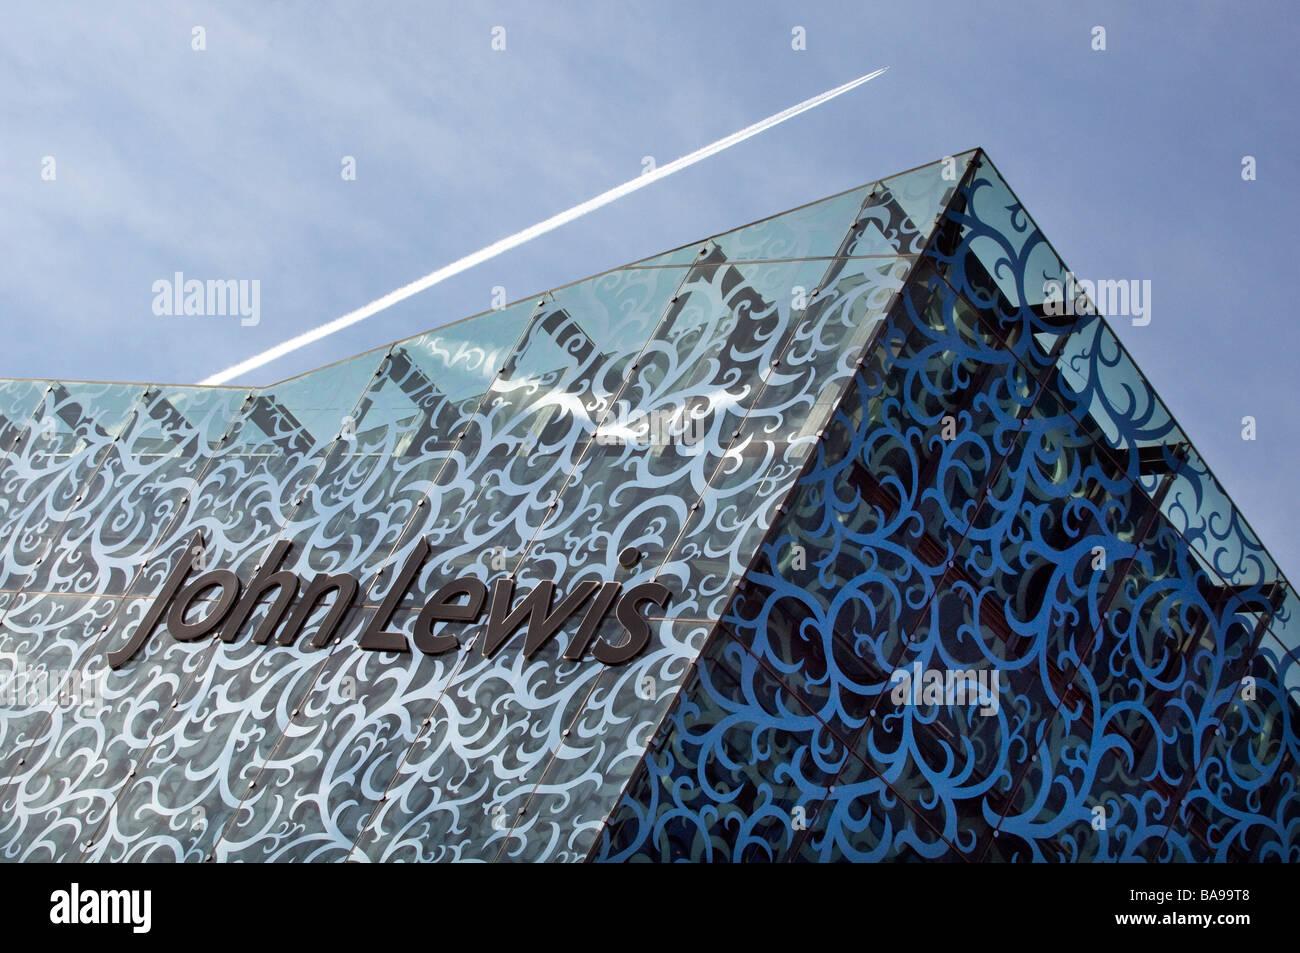 Die markante neue moderne Architektur des Glases Frontmann John Lewis-Store in Leicester Highcross Shopping Center. Stockbild